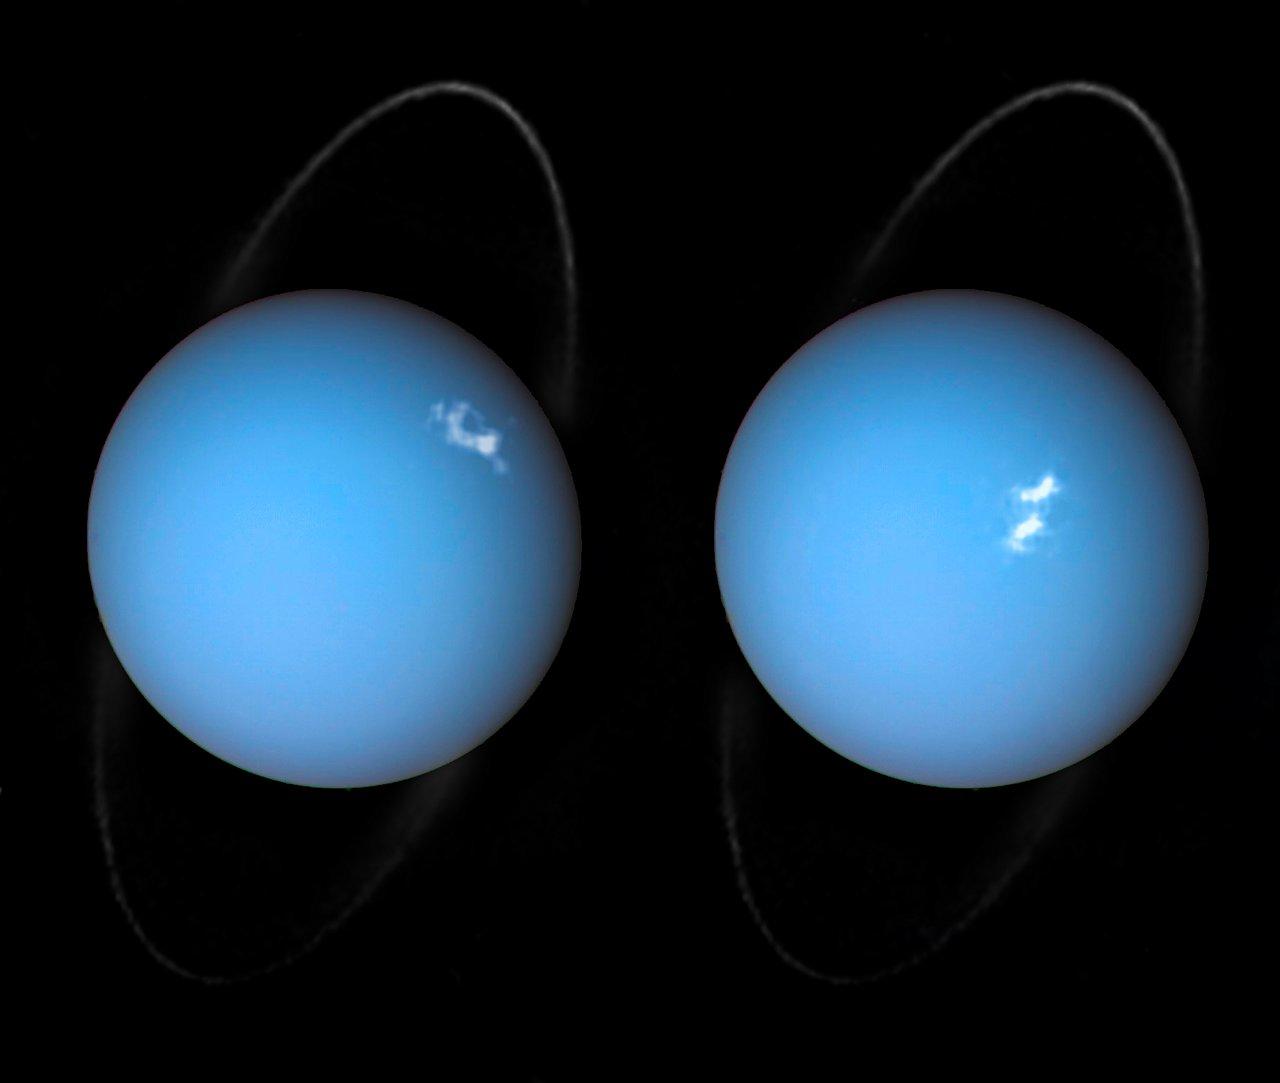 Alien aurorae on Uranus | ESA/Hubble